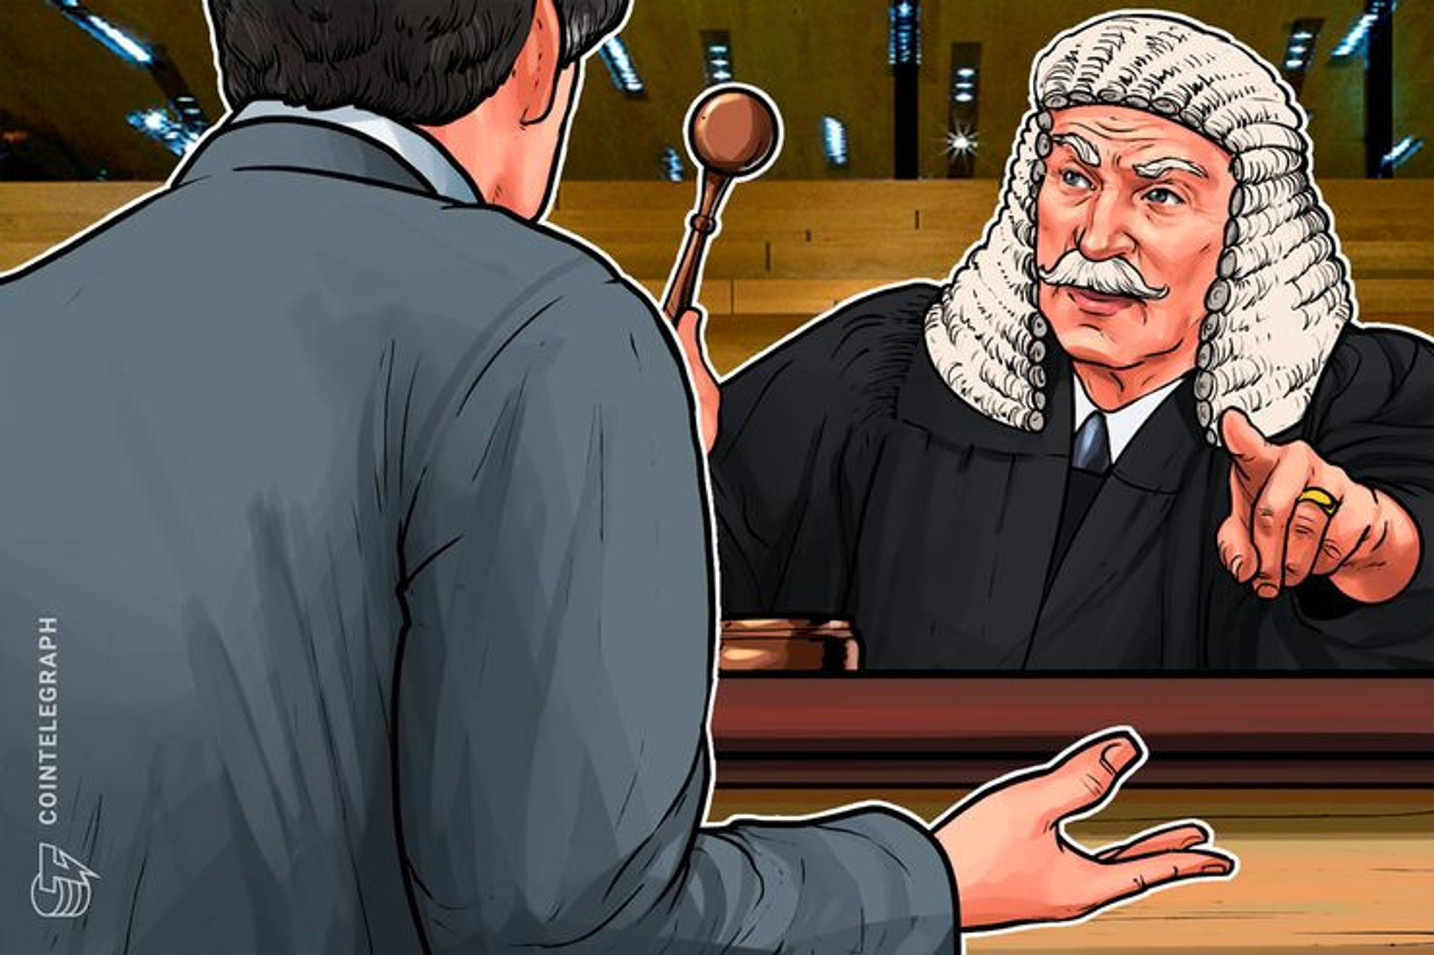 URGENTE: Justiça apreende passaporte de Cláudio Oliveira, controlador do Grupo Bitcoin Banco; Cointelegraph teve acesso à decisão